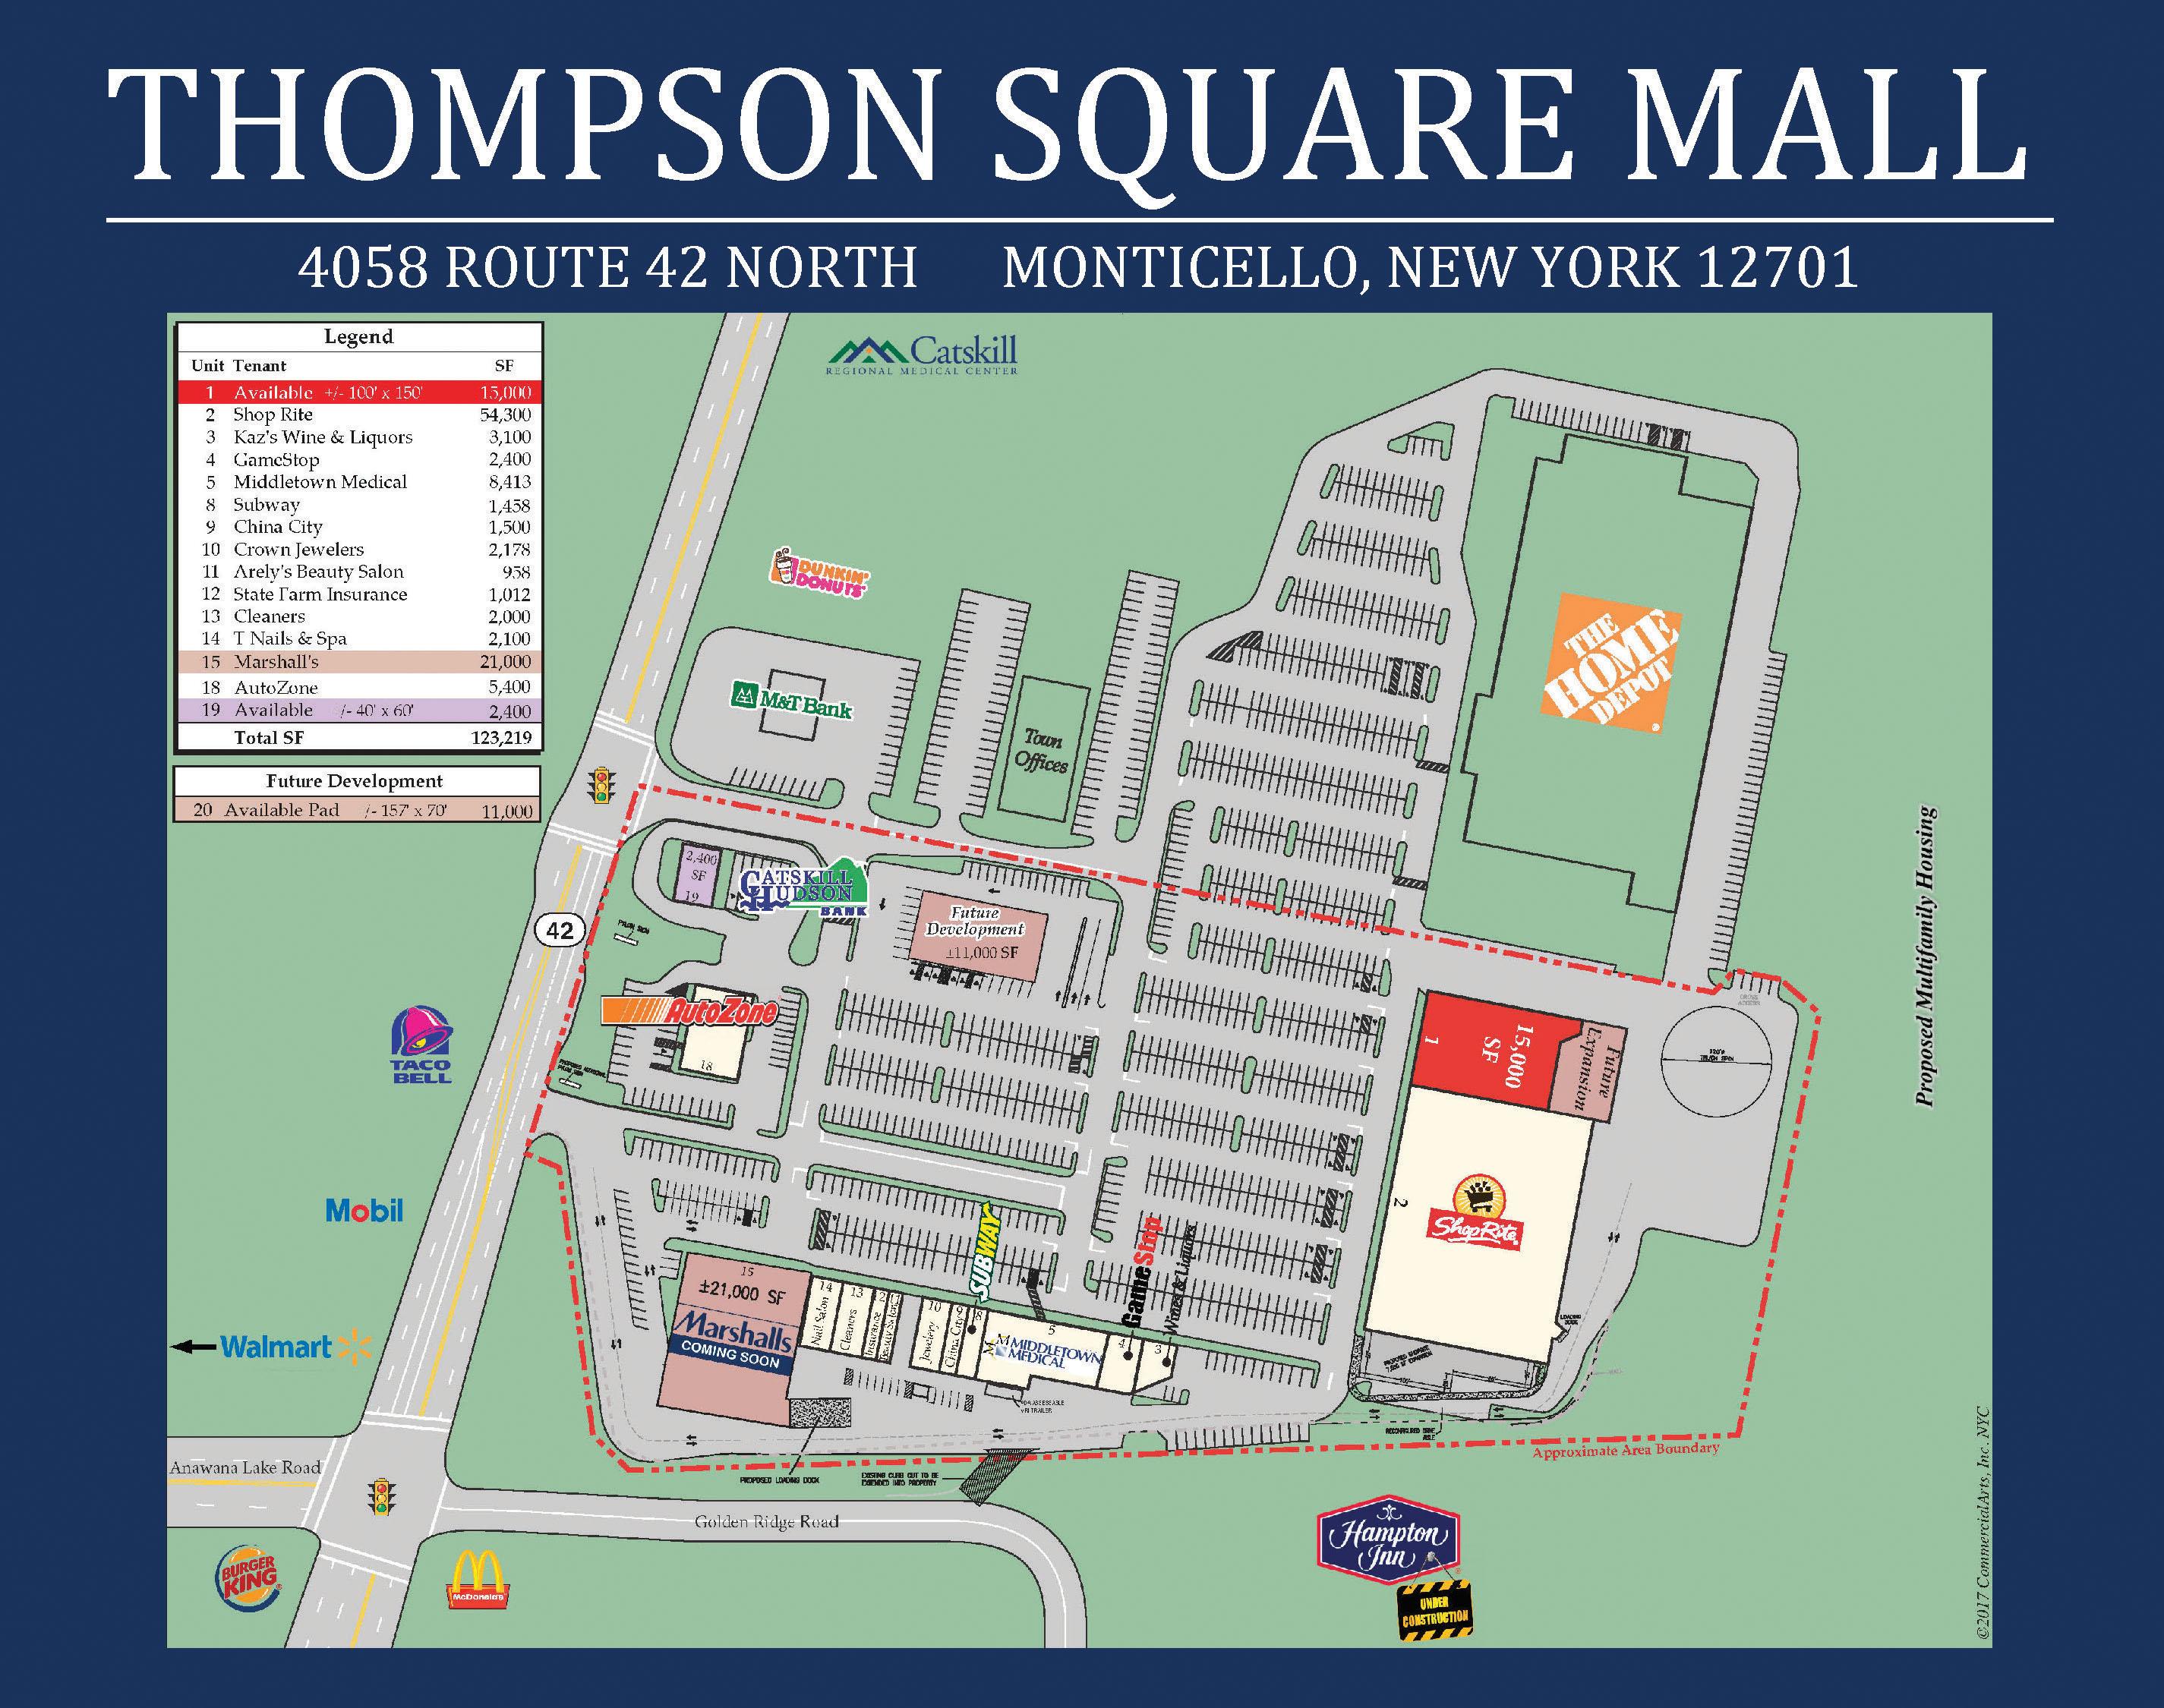 thompson square